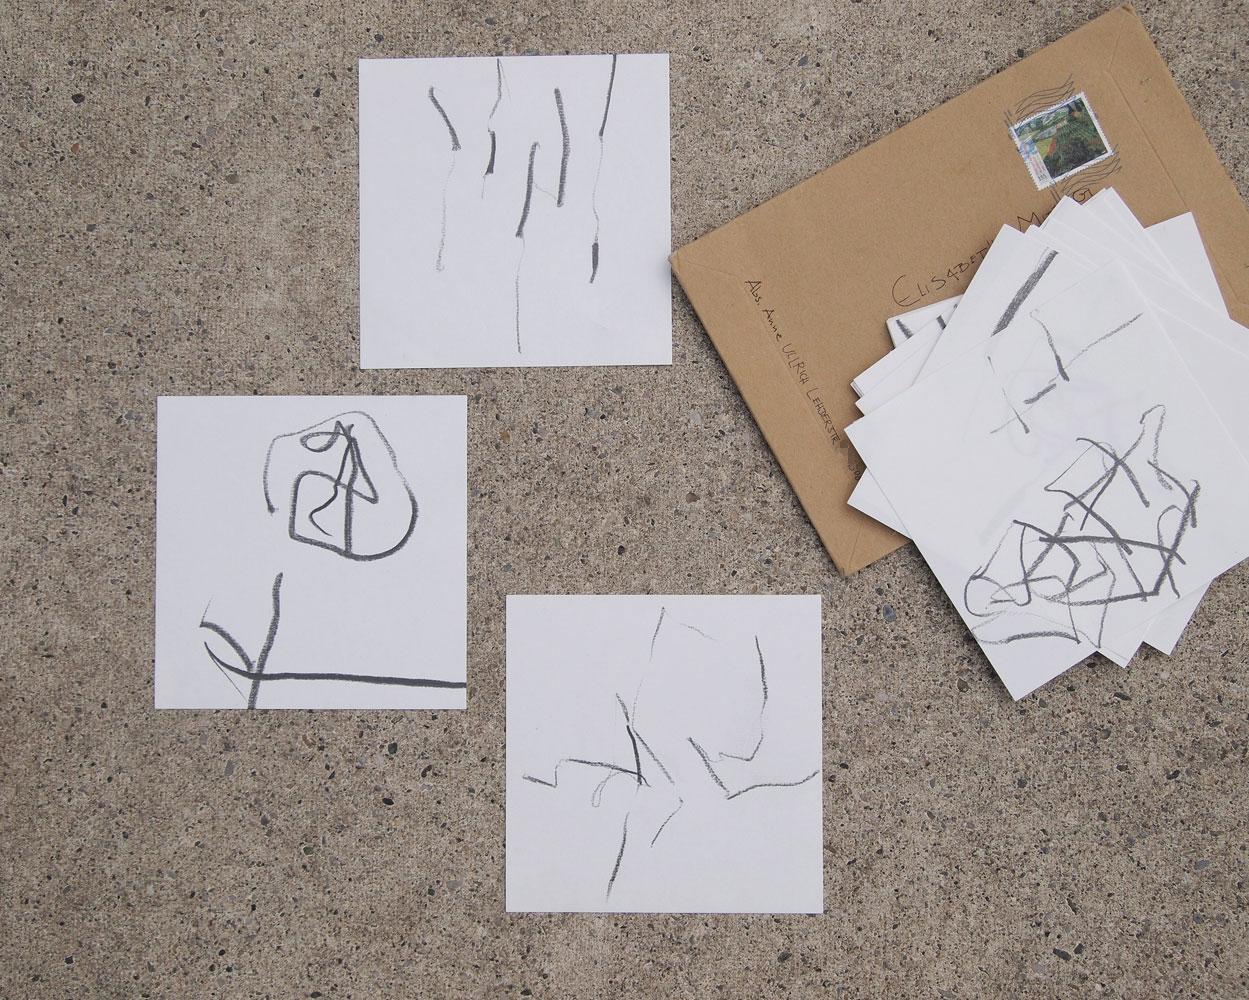 Linienzeichnungen schwarz auf weißem Quadrat mit adressiertem Briefkuvert